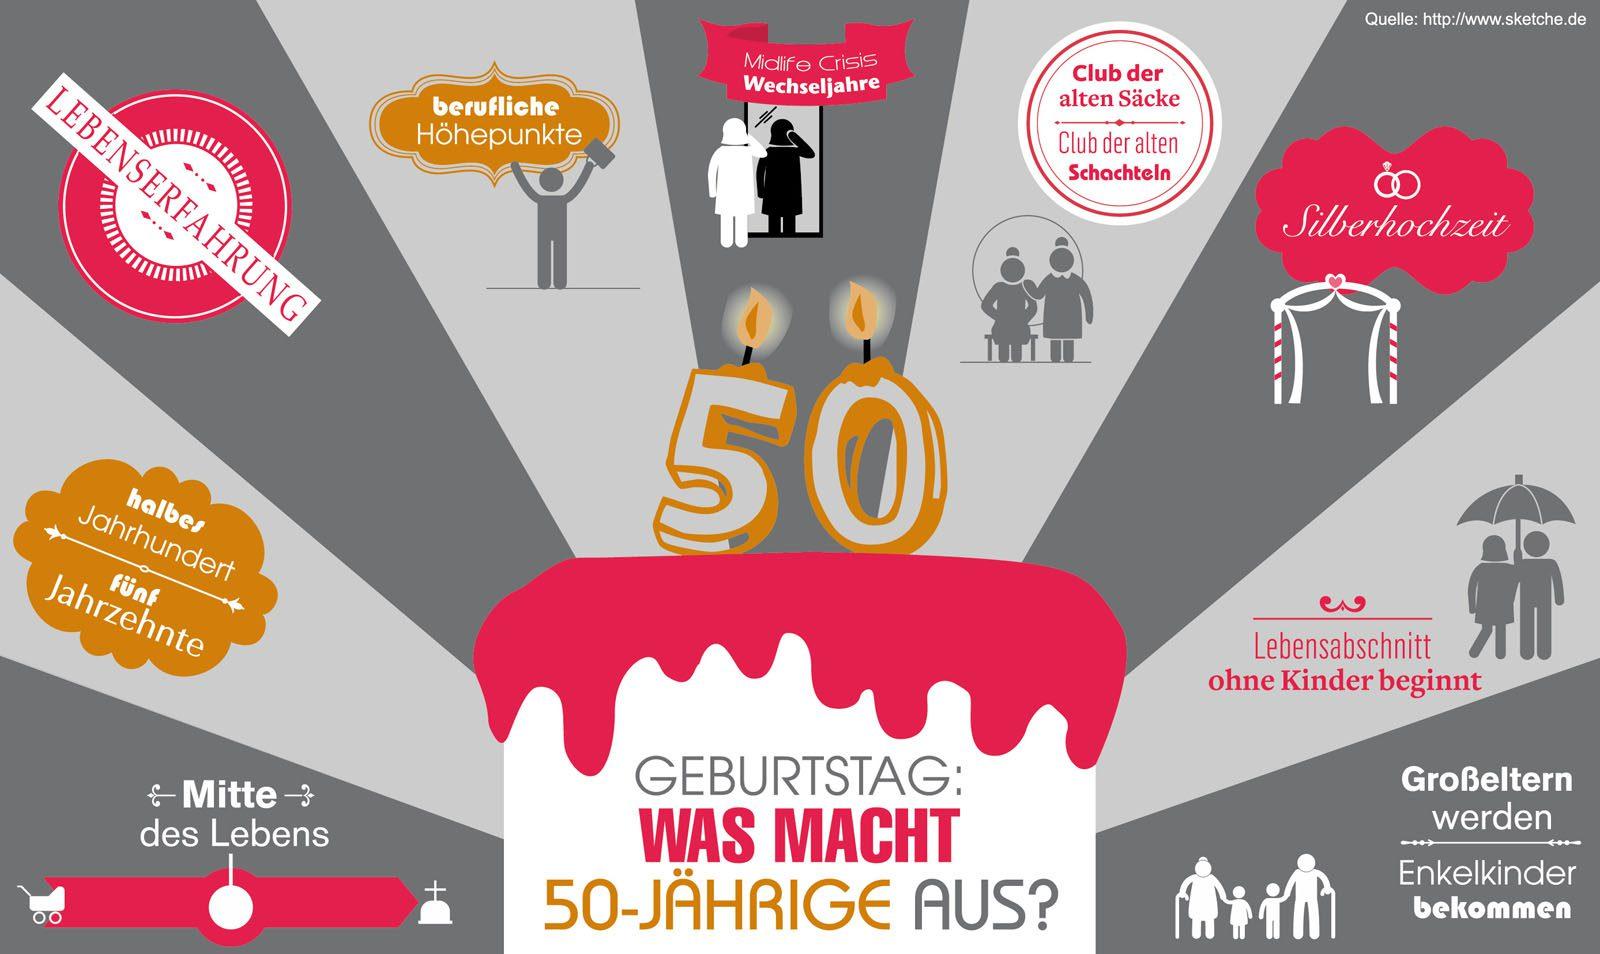 Einladungen Zum 50 Geburtstag Vorlagen Kostenlos Zum Ausdrucken – ledeclairage.net